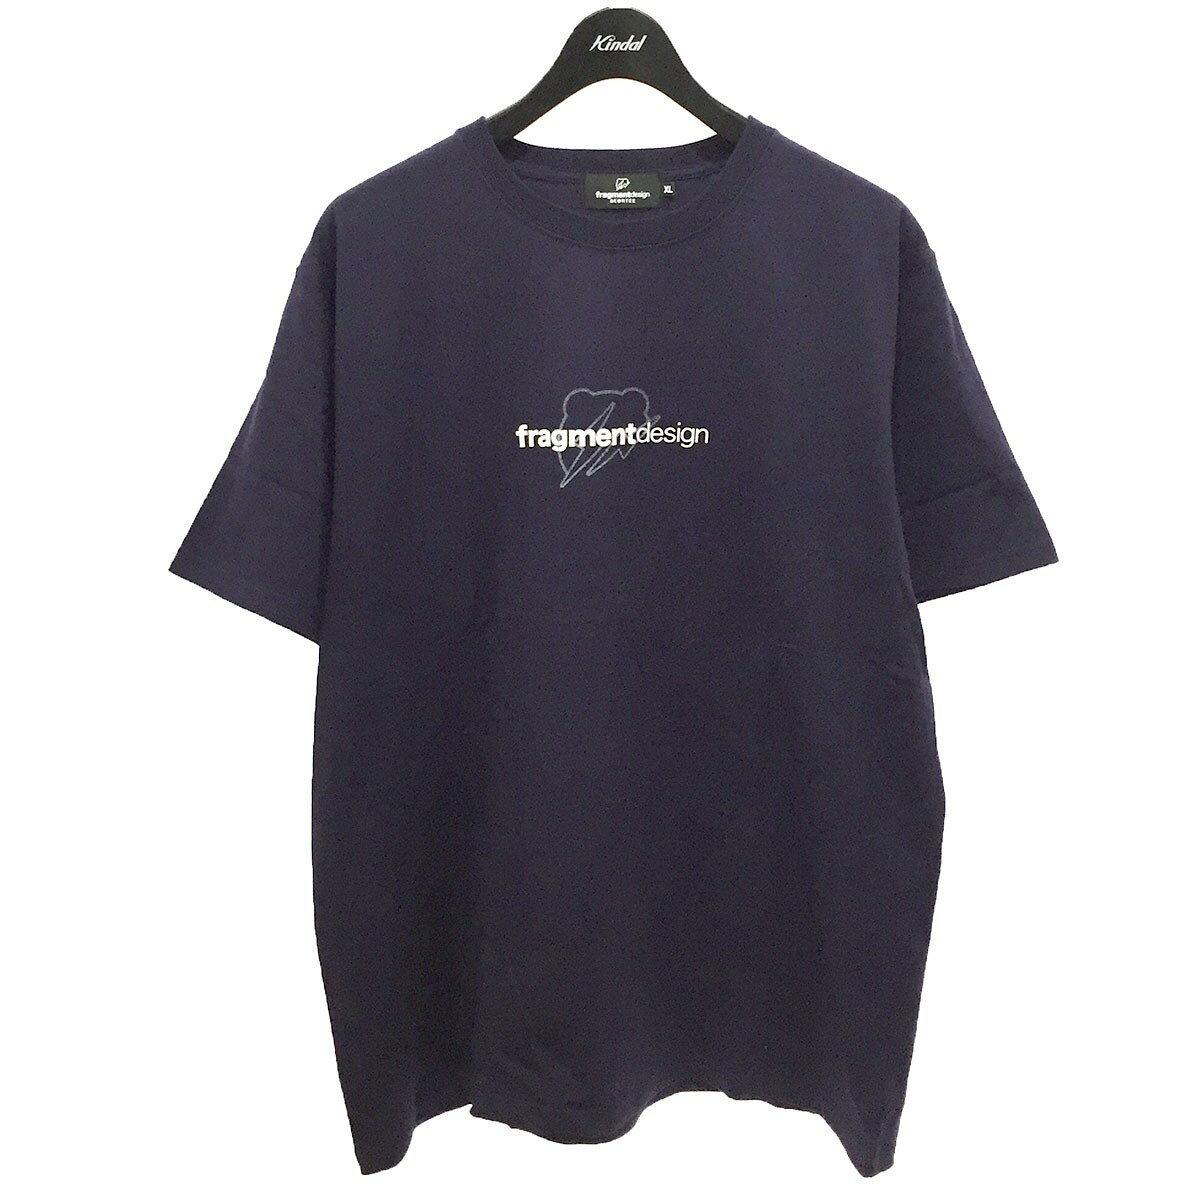 トップス, Tシャツ・カットソー FRAGMENT DESIGN BEARBRICK MEDICOM TOY EXHIBITION 2020 IN VIRTUAL T XL 280821